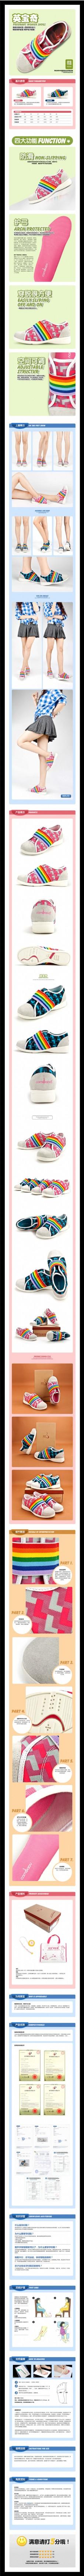 淘宝电商服装女士鞋业详情页设计图